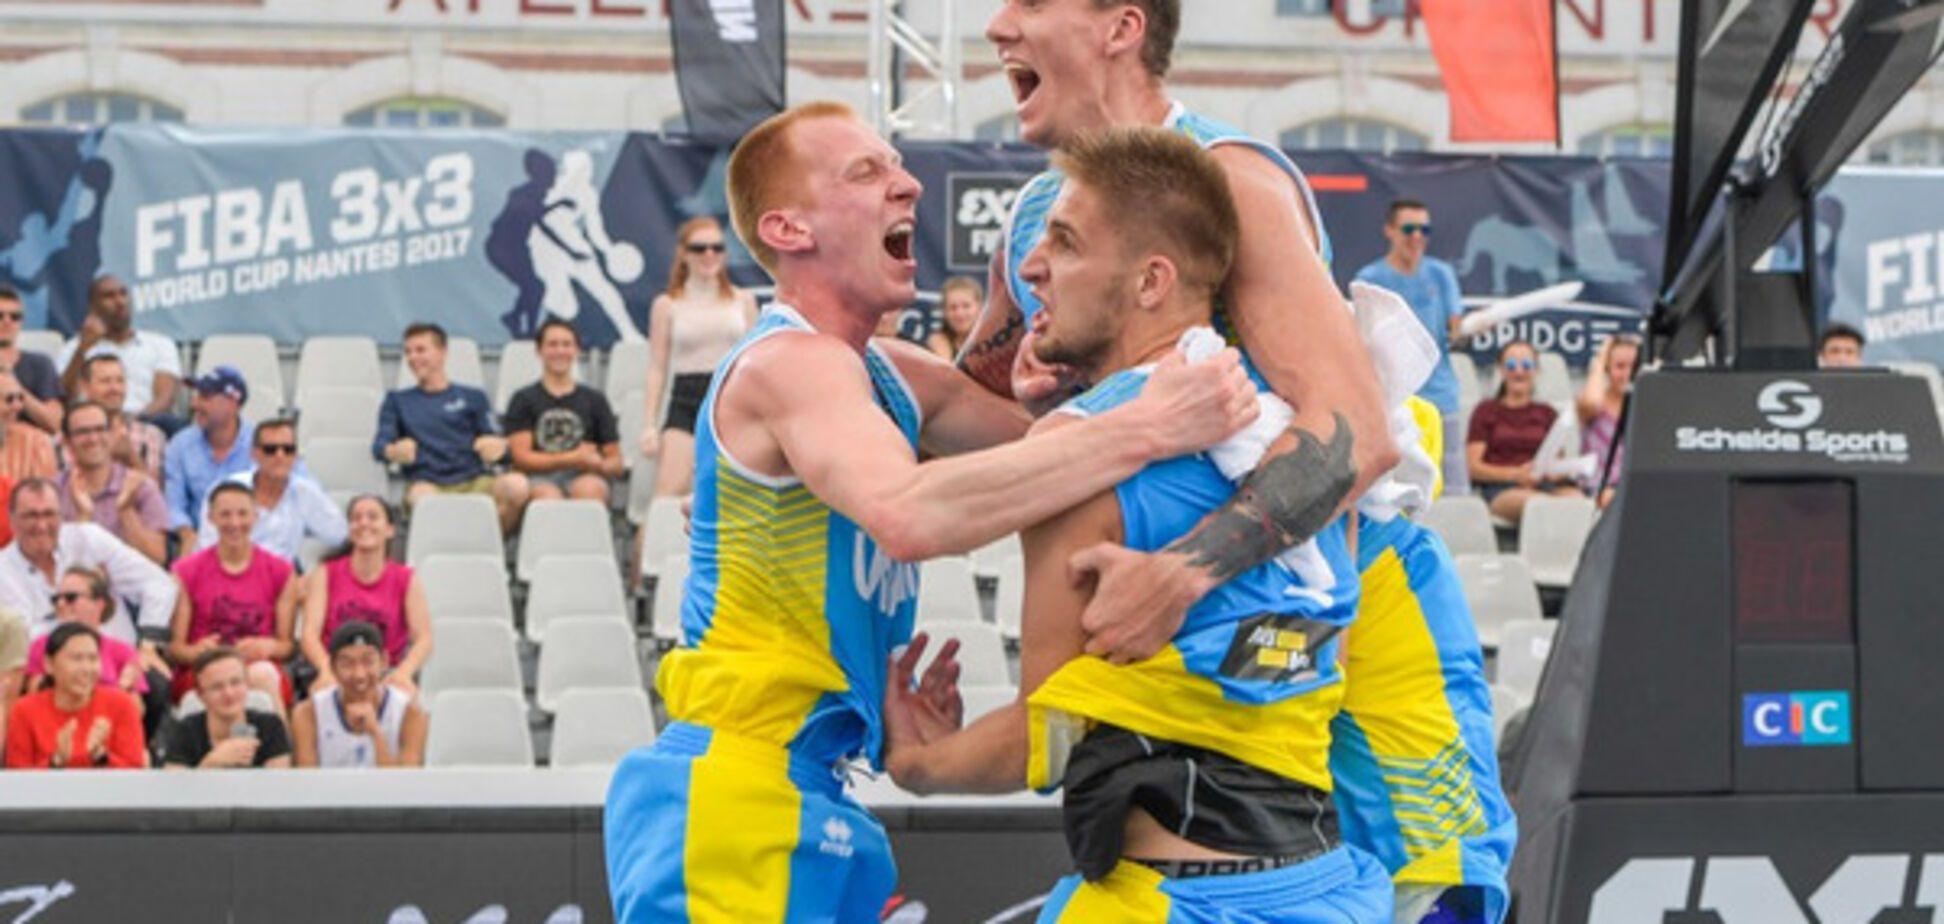 Вперше в історії! Україна прийме відбір на Євробаскет 3х3